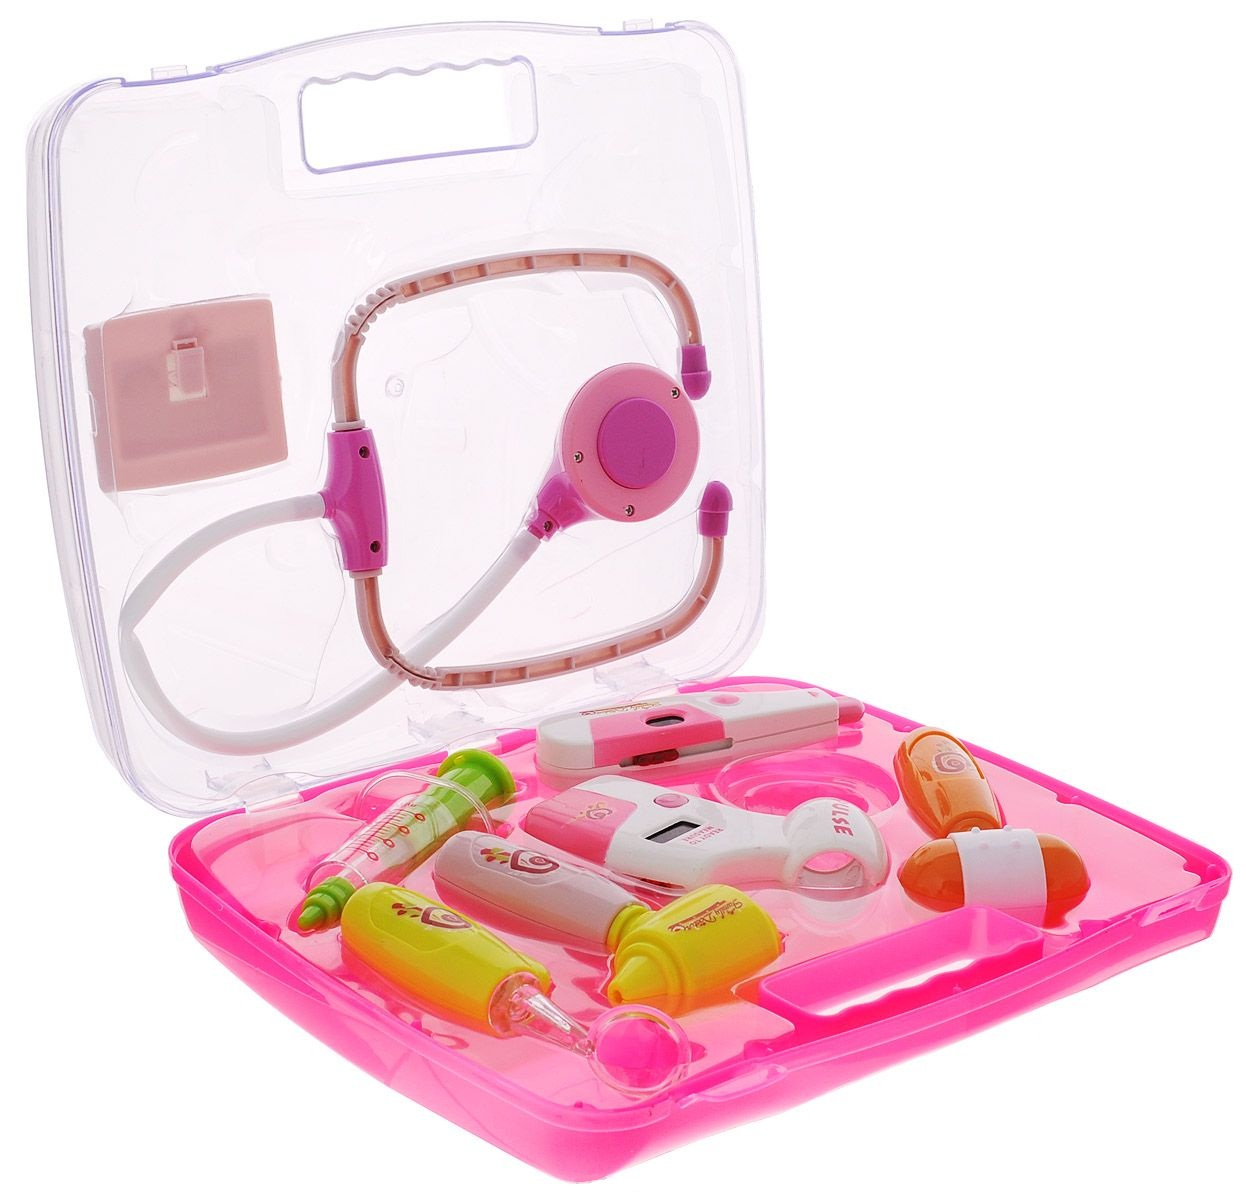 Набор доктора со световыми эффектами, 8 предметов в набореНаборы доктора детские<br>Набор доктора со световыми эффектами, 8 предметов в наборе<br>